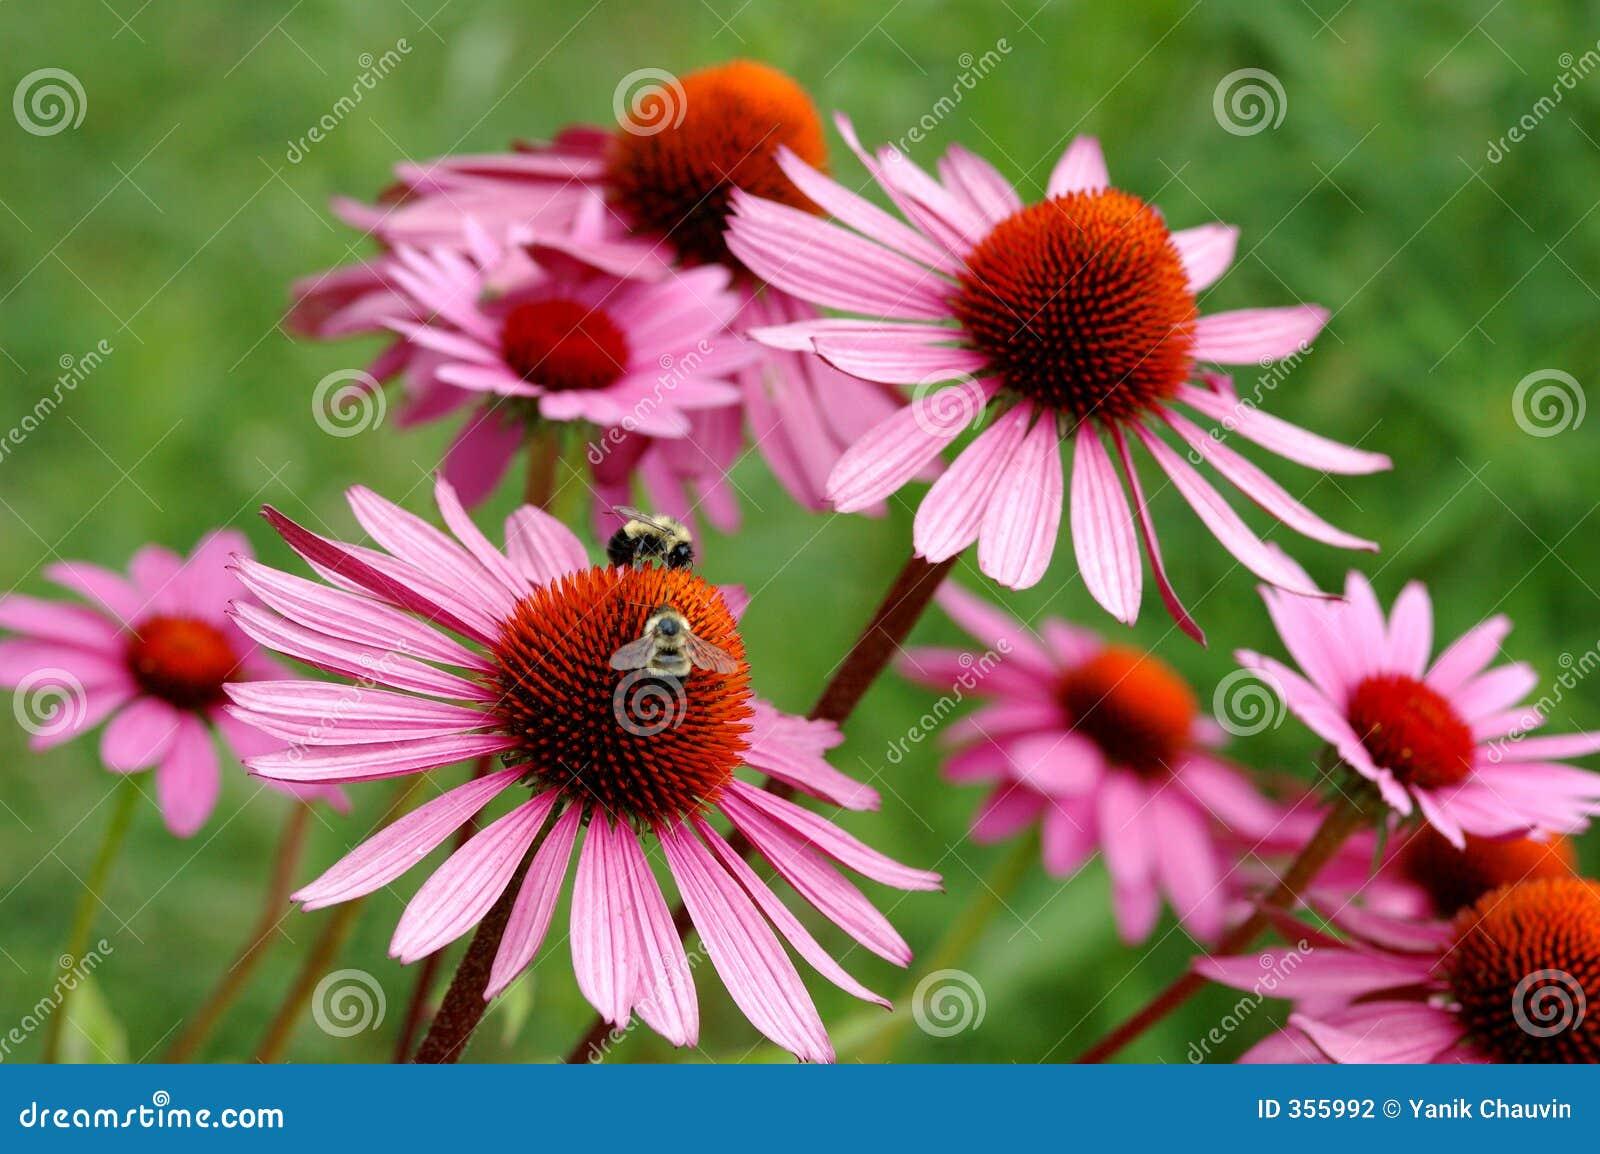 Комнатные растения: фото с названиями. Фотографии 57